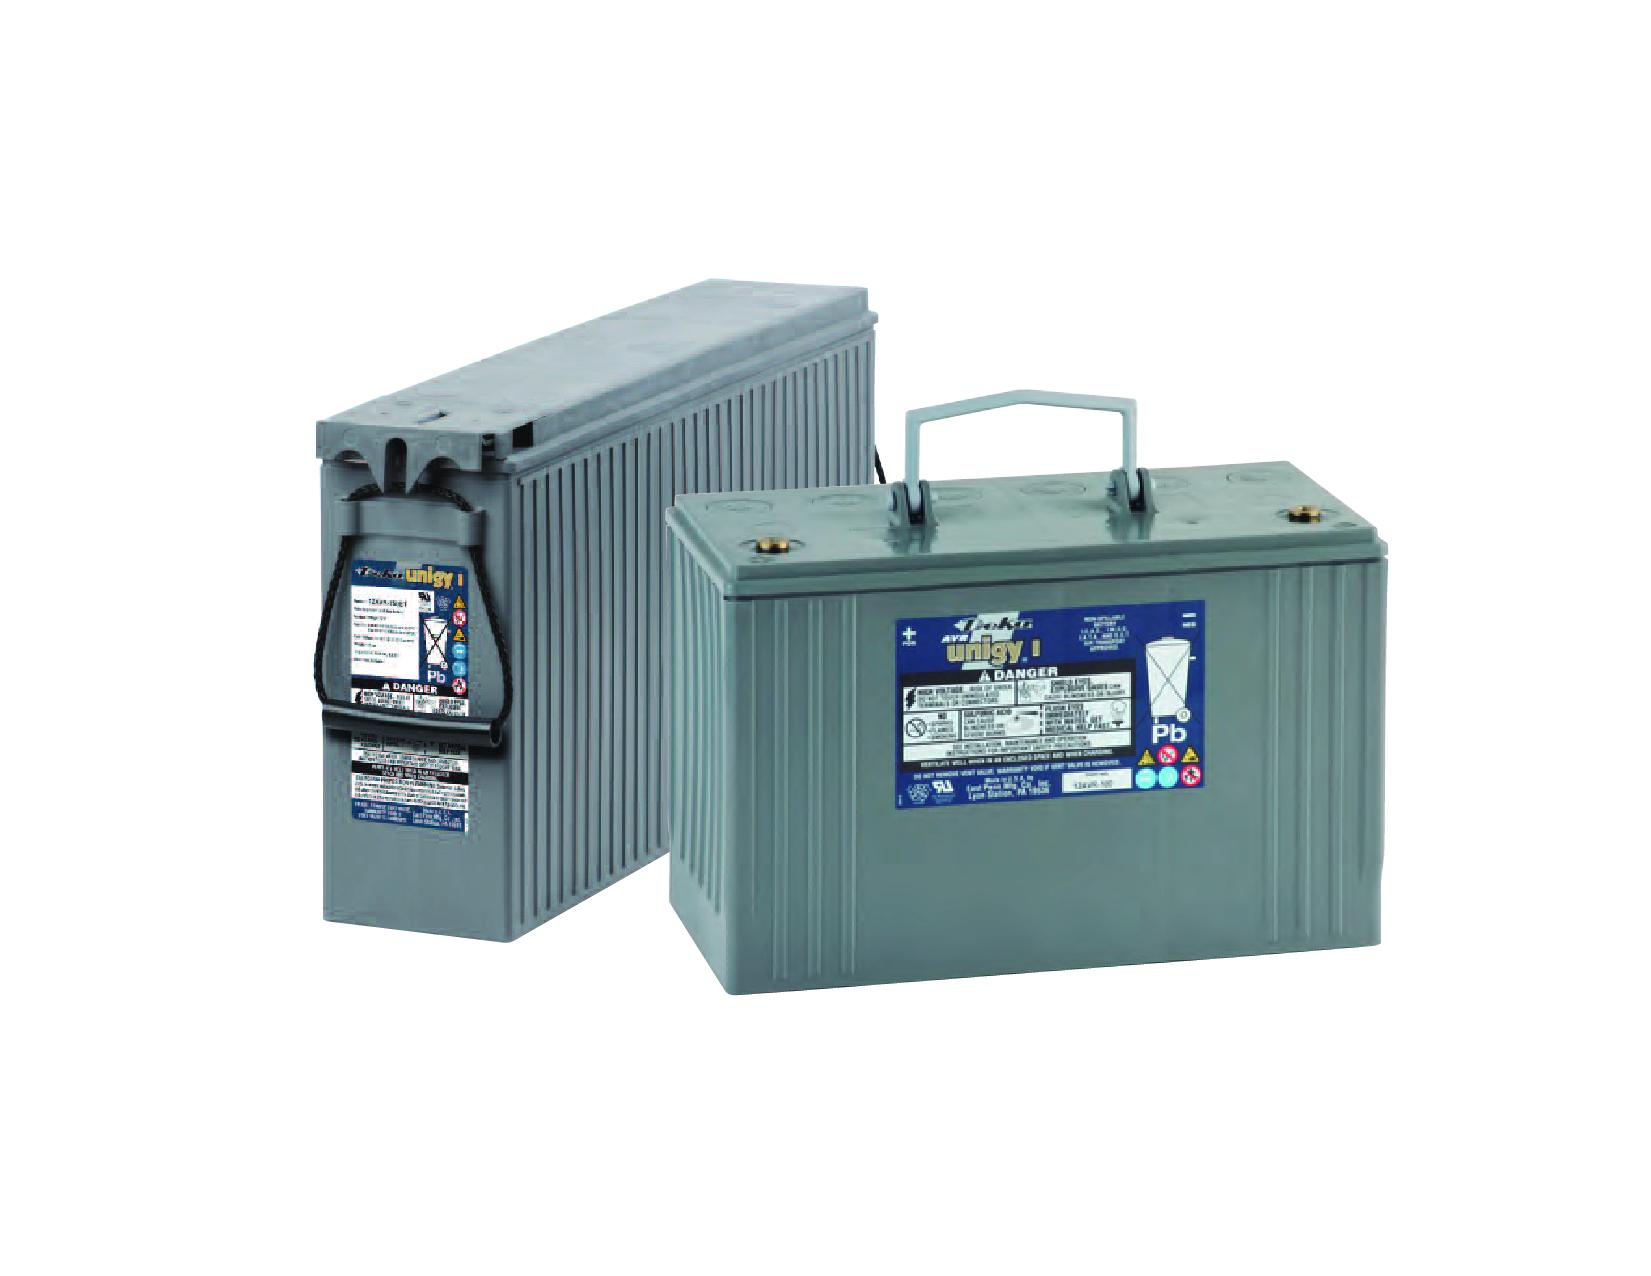 DEKA -  Baterías Estacionarias Industriales para UPS, Cargadores, Telecomunicaciones